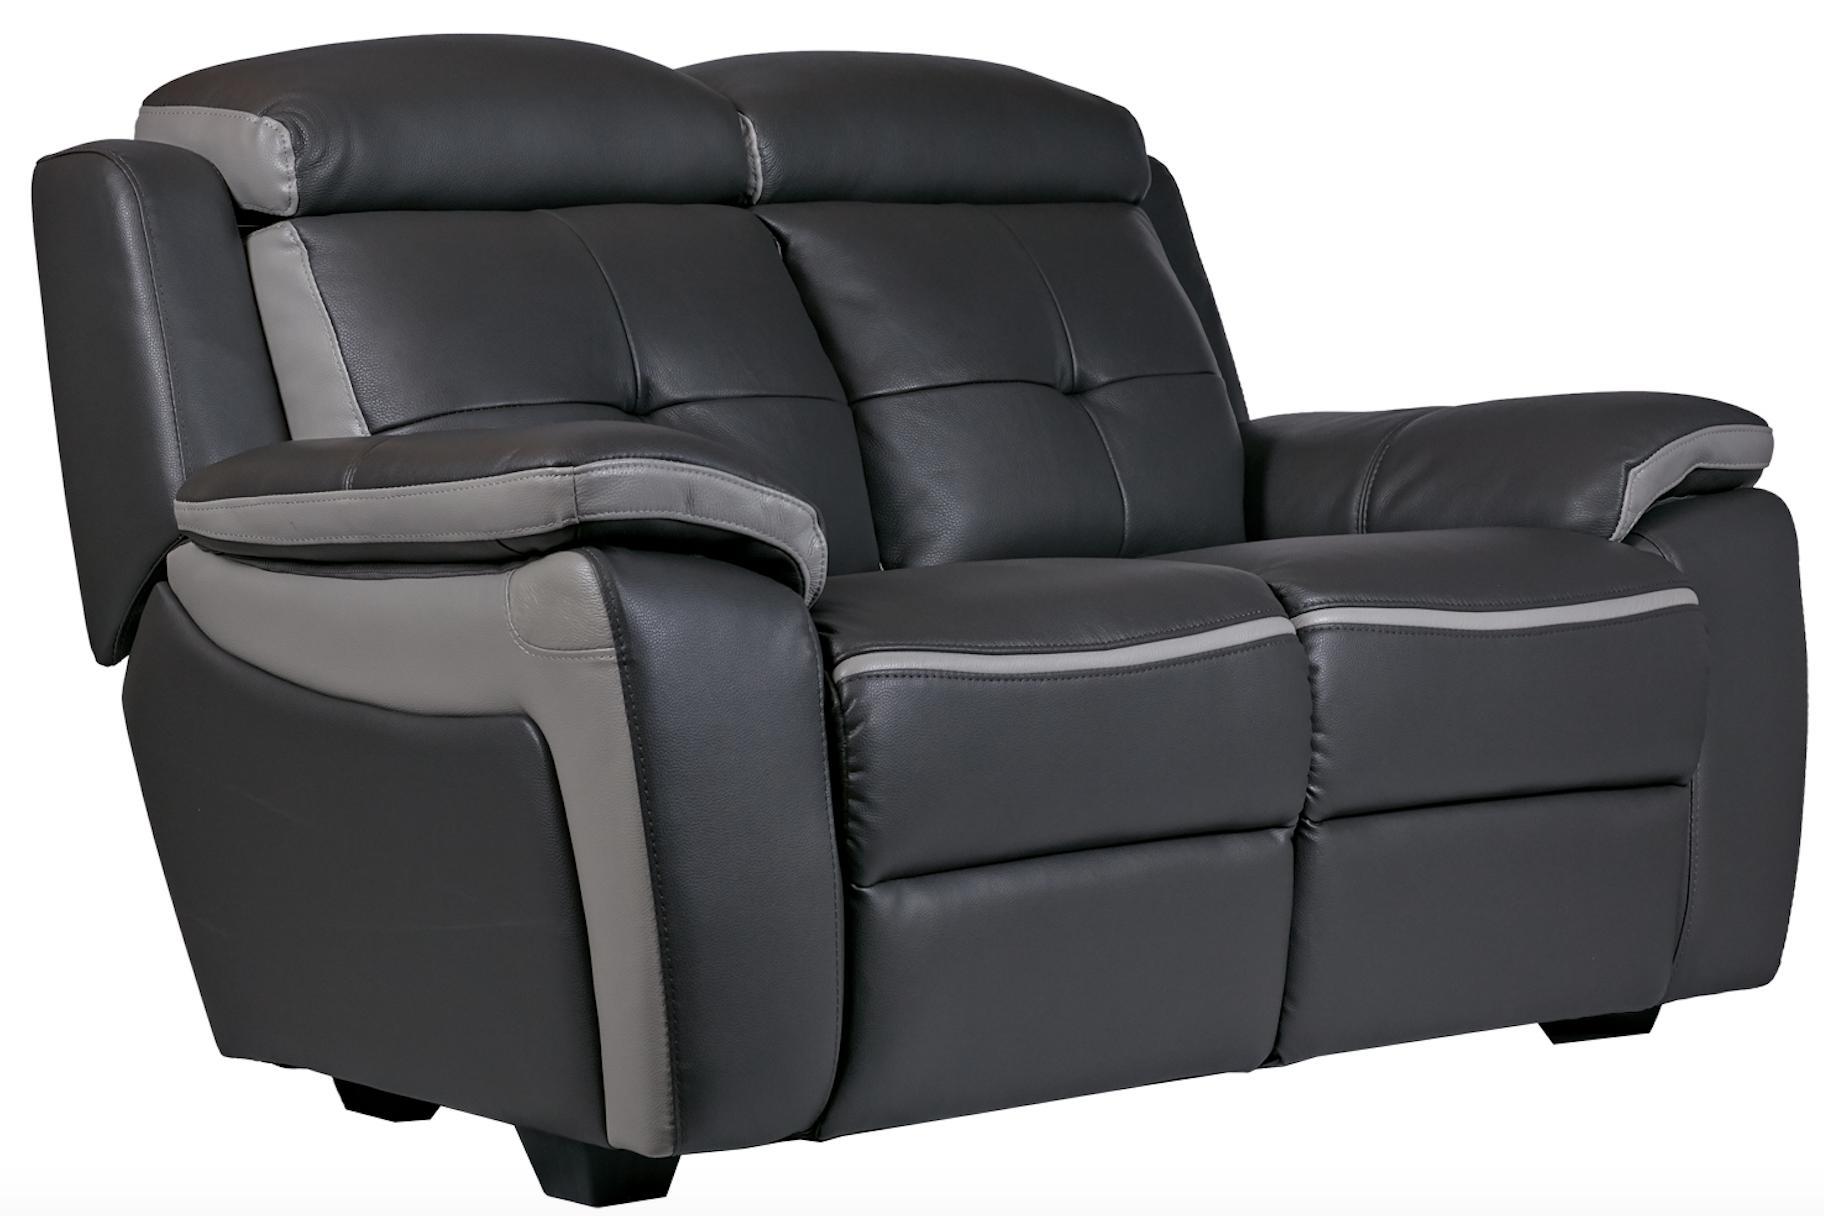 canap 2 places cuir gris fonc et gris corsa. Black Bedroom Furniture Sets. Home Design Ideas